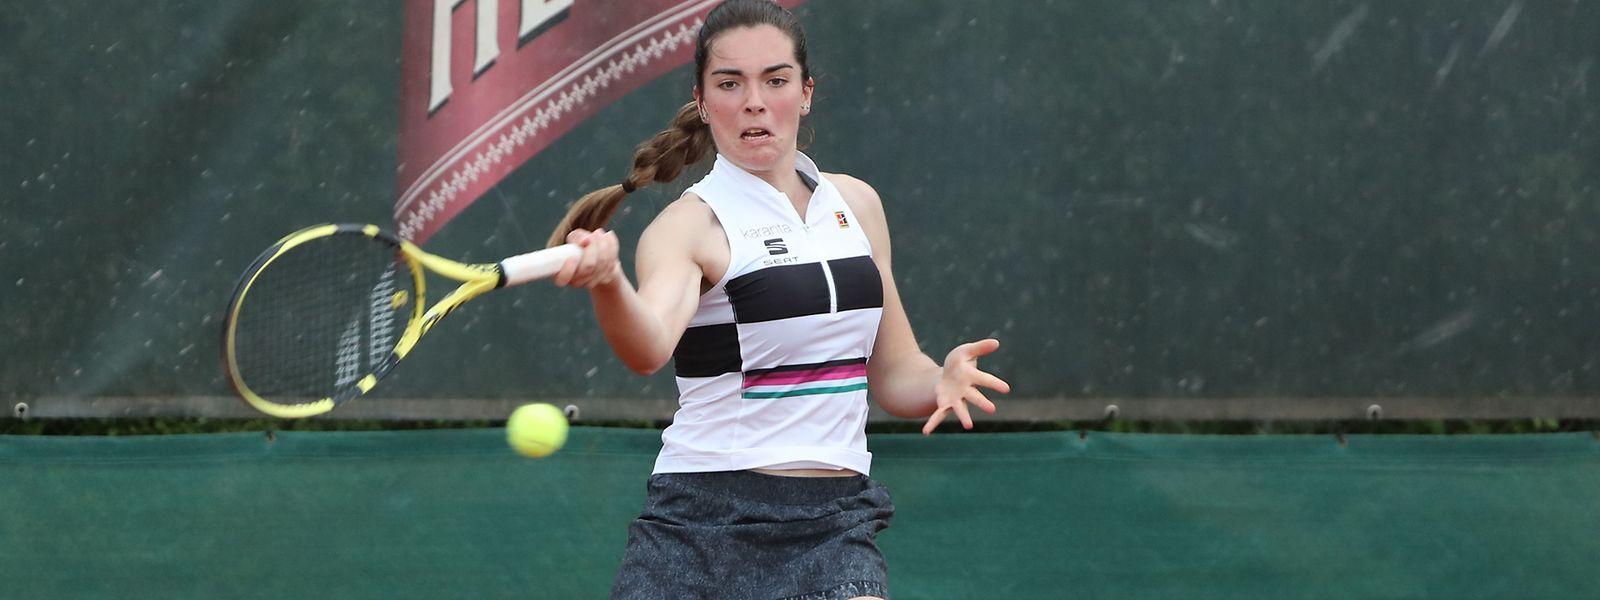 Eléonora Molinaro a remporté ses deux matches ce lundi pour se qualifier pour le tableau principal du tournoi de Wiesbaden.